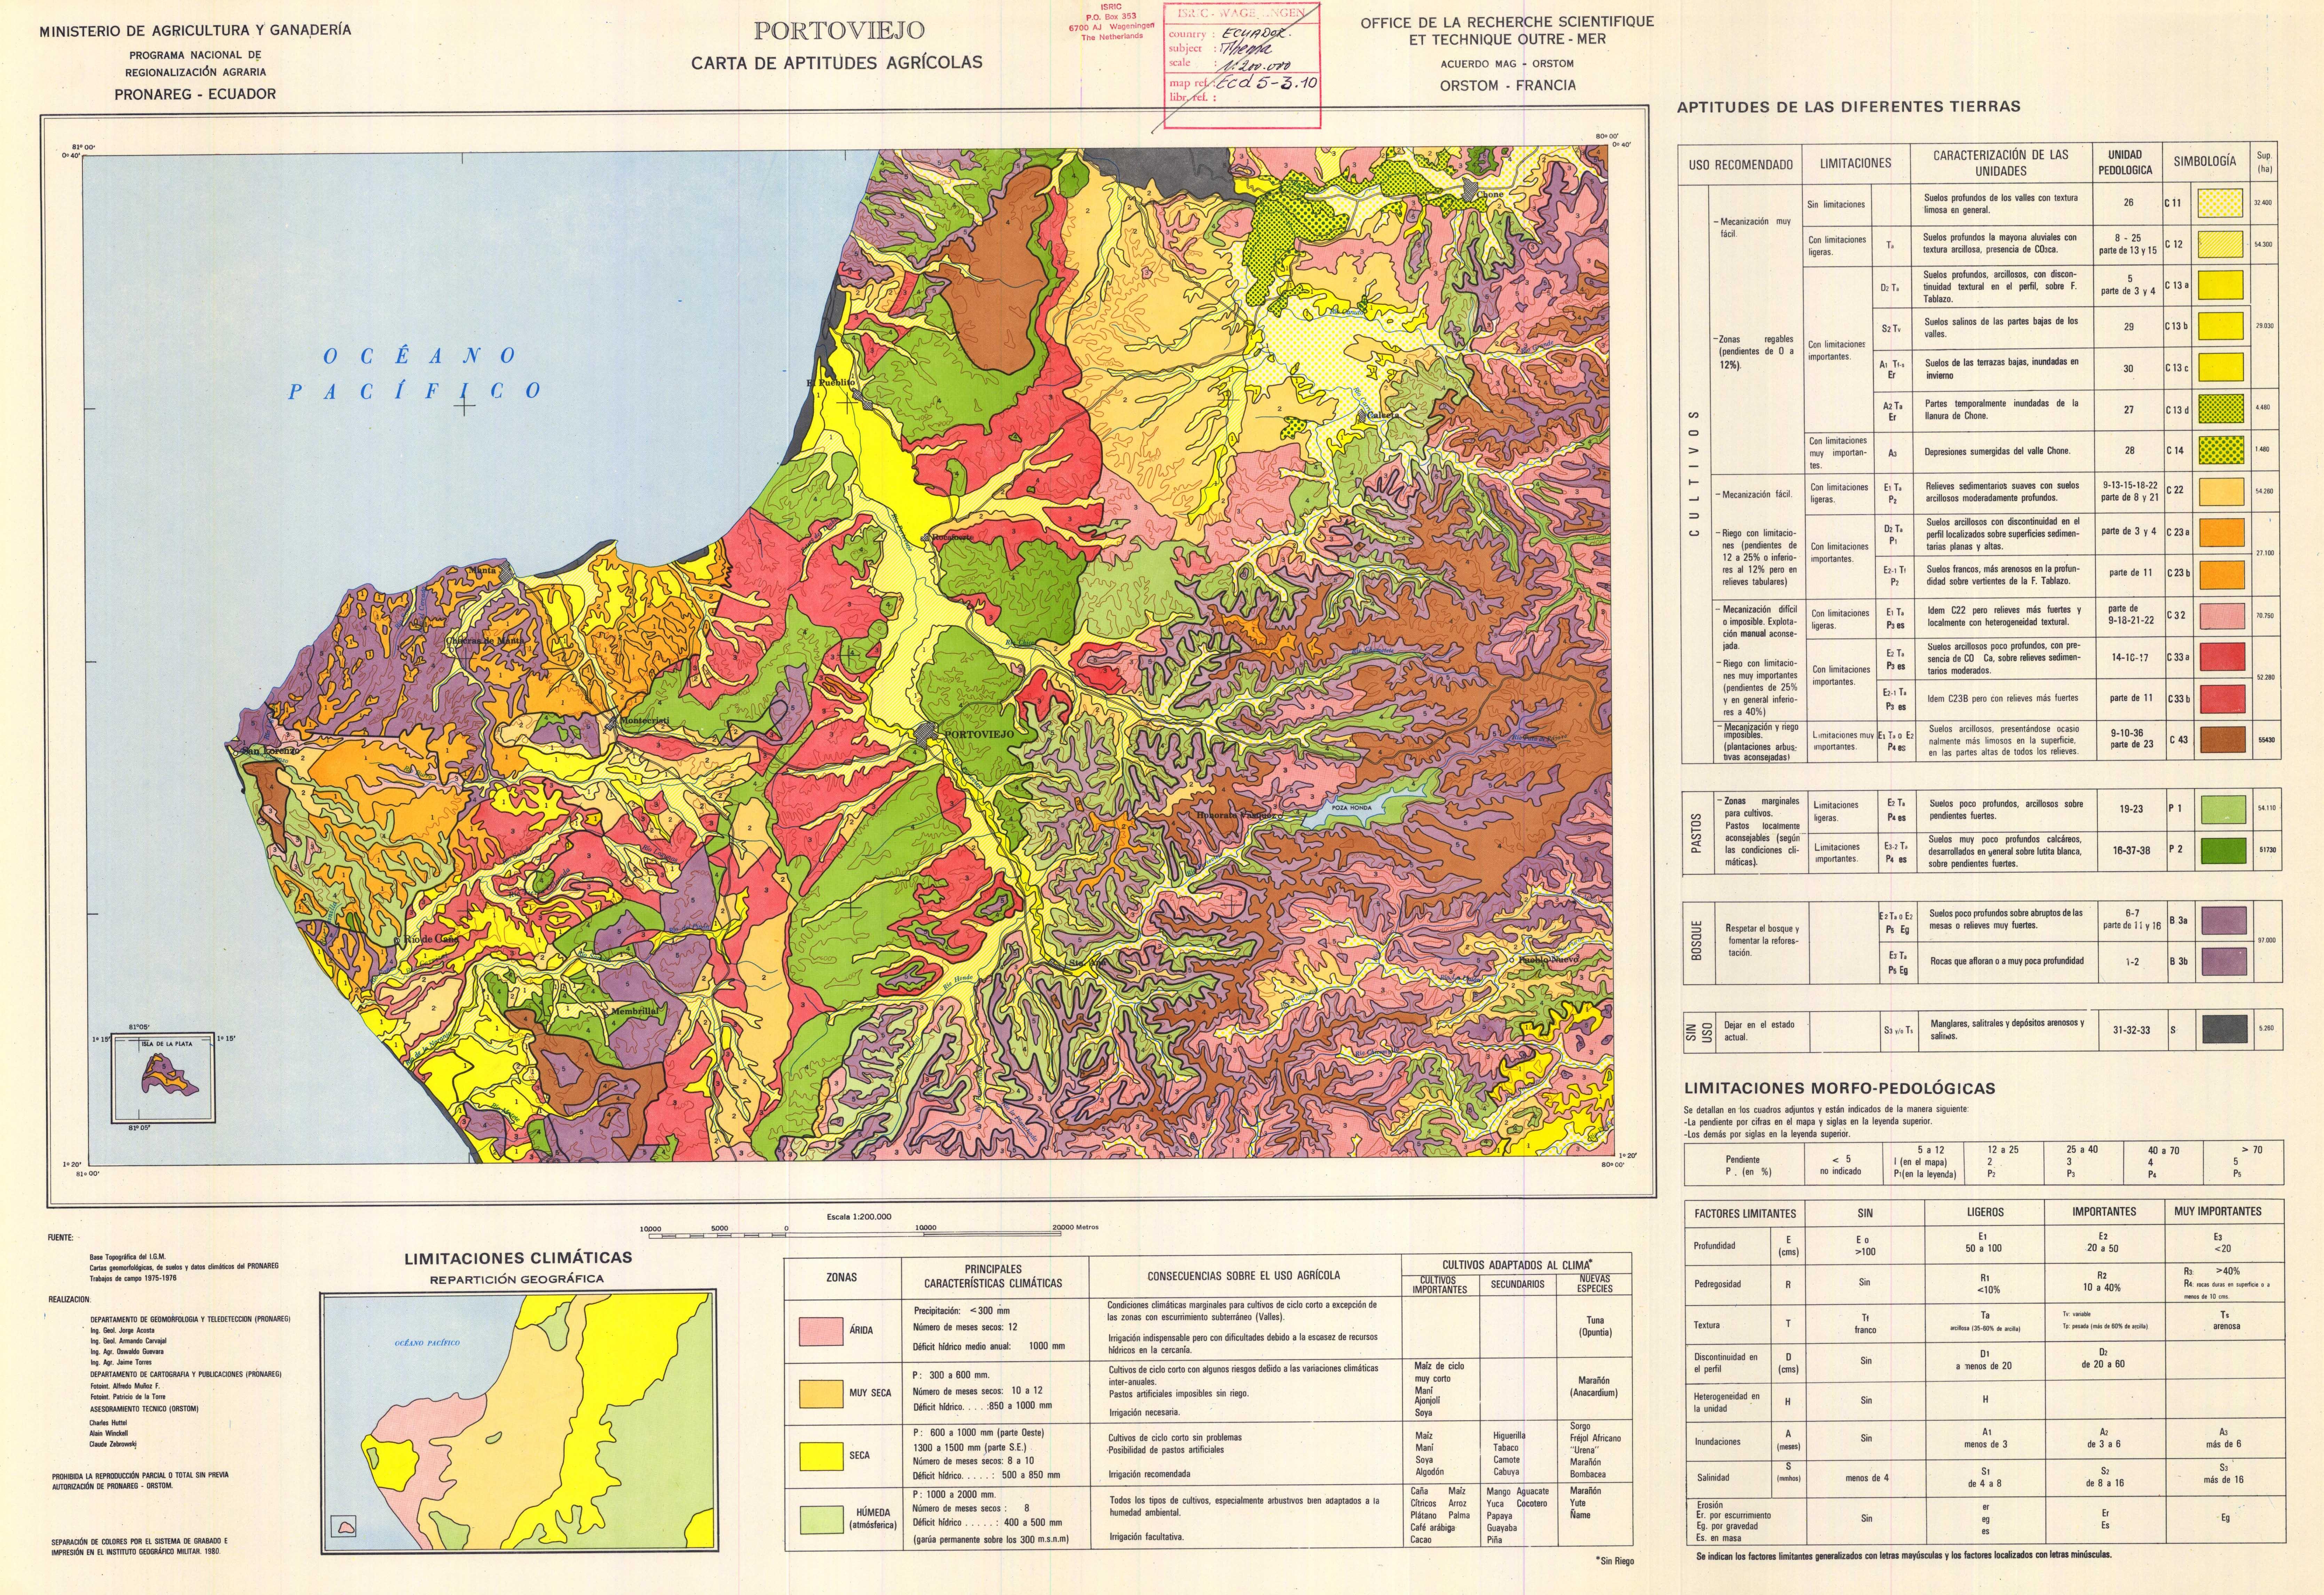 Aptitudes agrícolas de la región de Portoviejo 1980